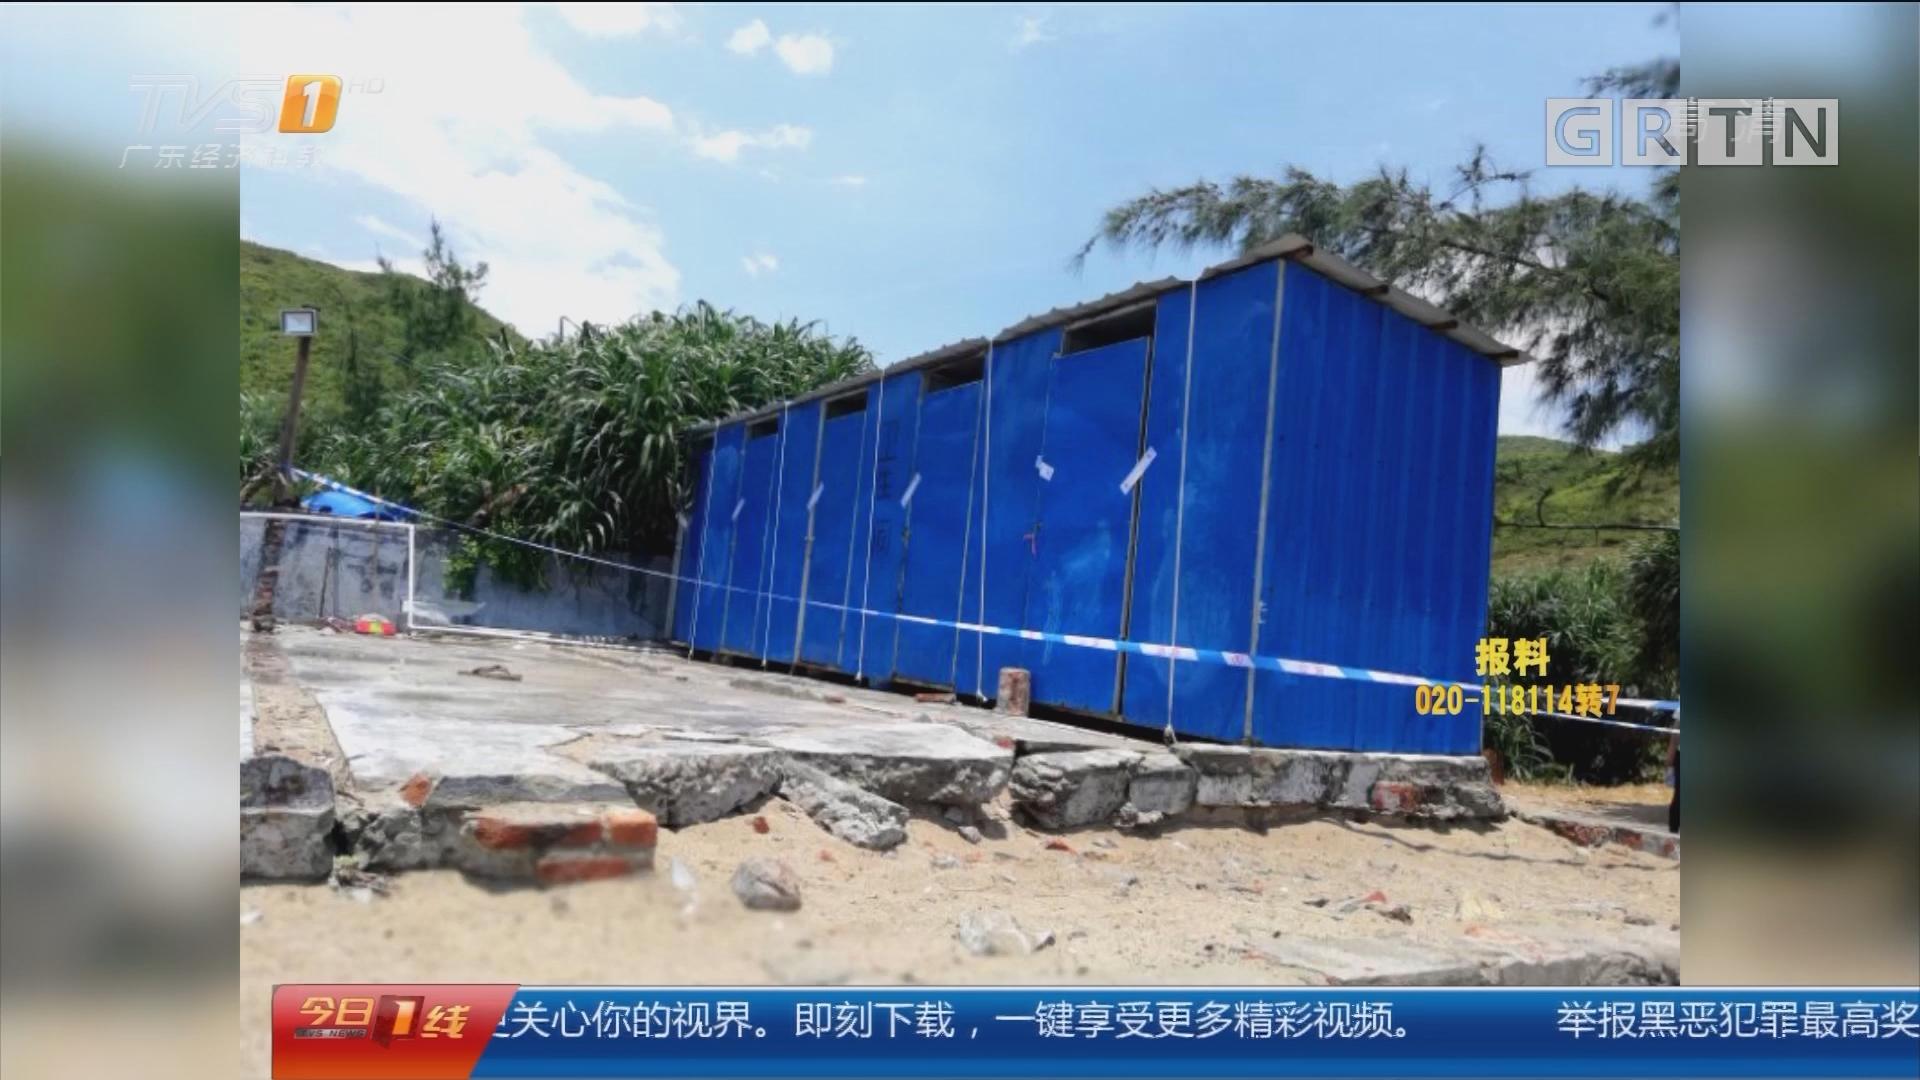 惠州大甲岛:男子海岛上游玩 上厕所疑因触电身亡